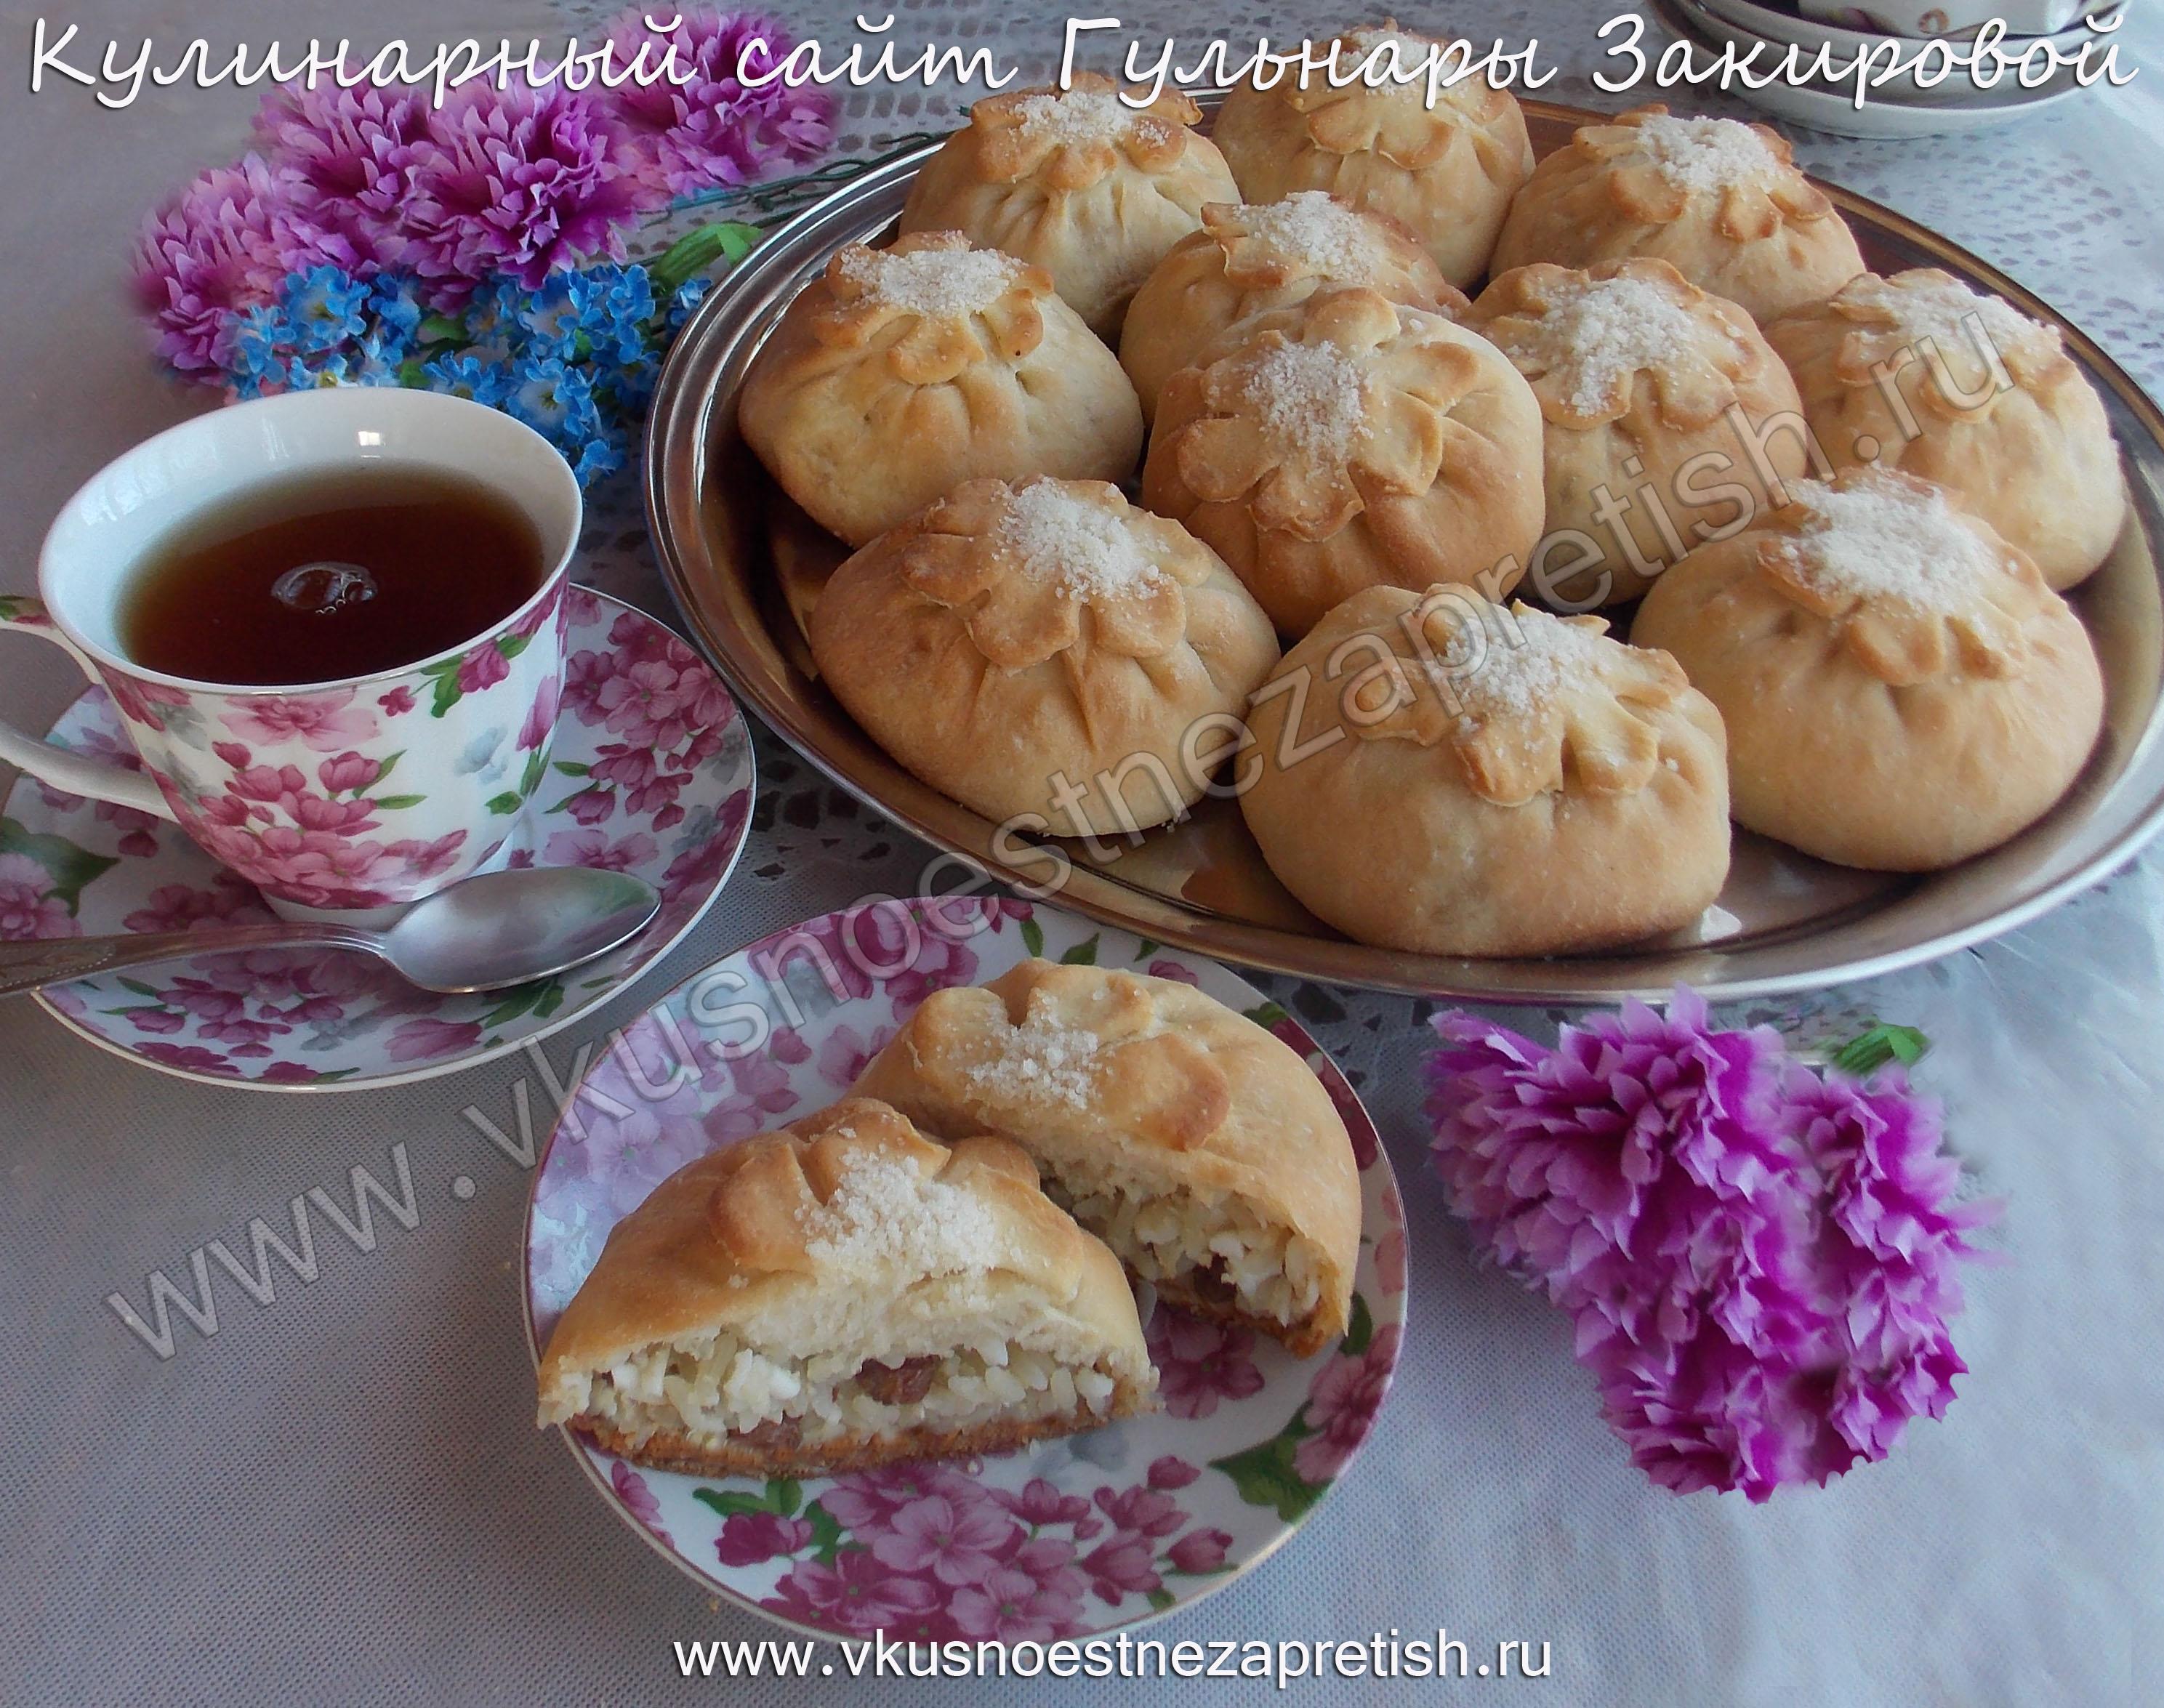 Пирог с изюмом курагой и рисом рецепт пошагово